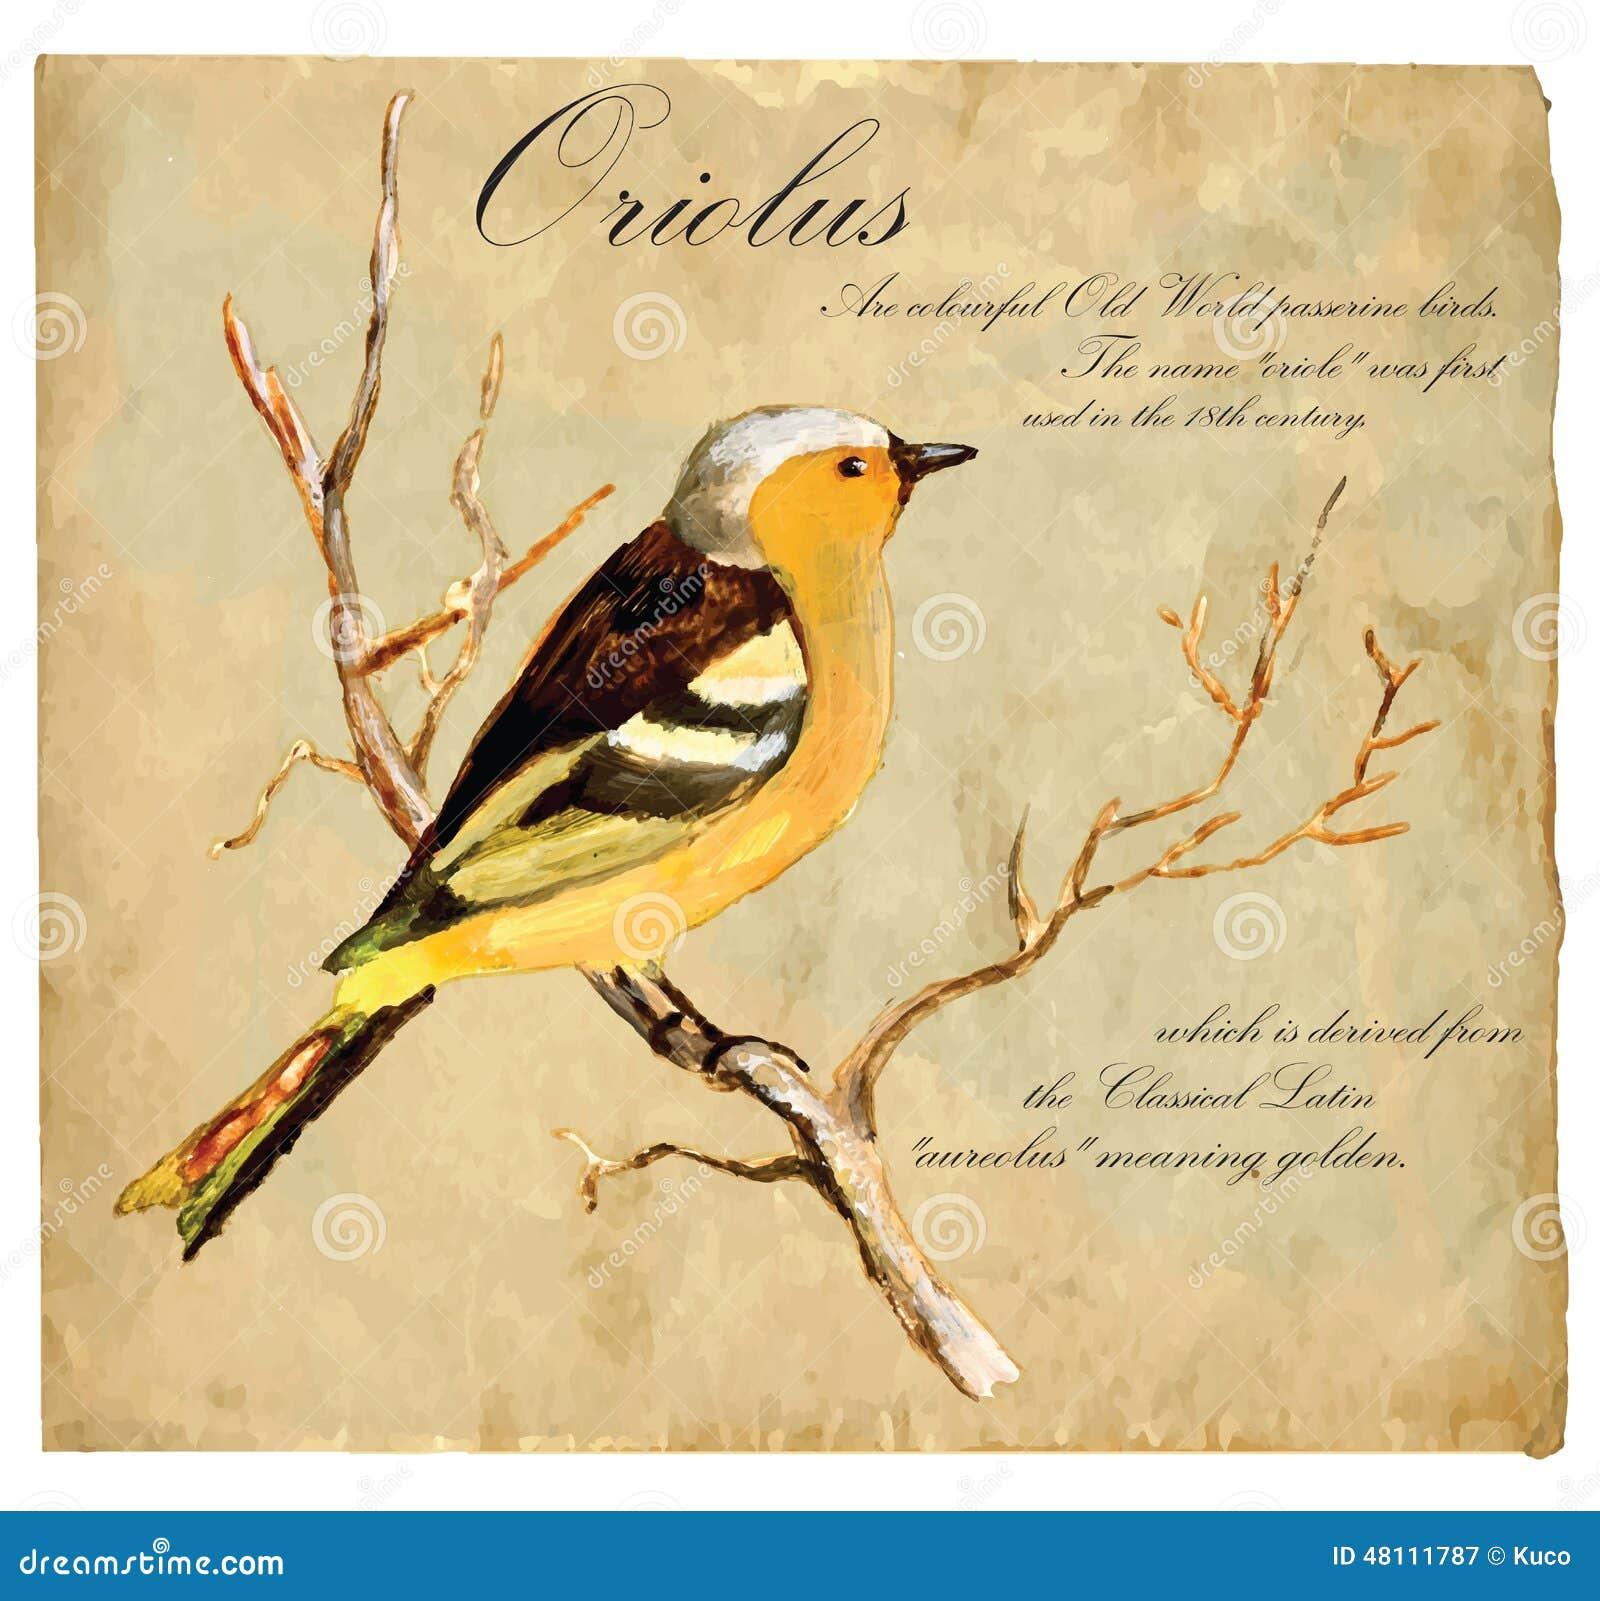 Illustrazione dipinta a mano (vettore), uccello: Oriolus